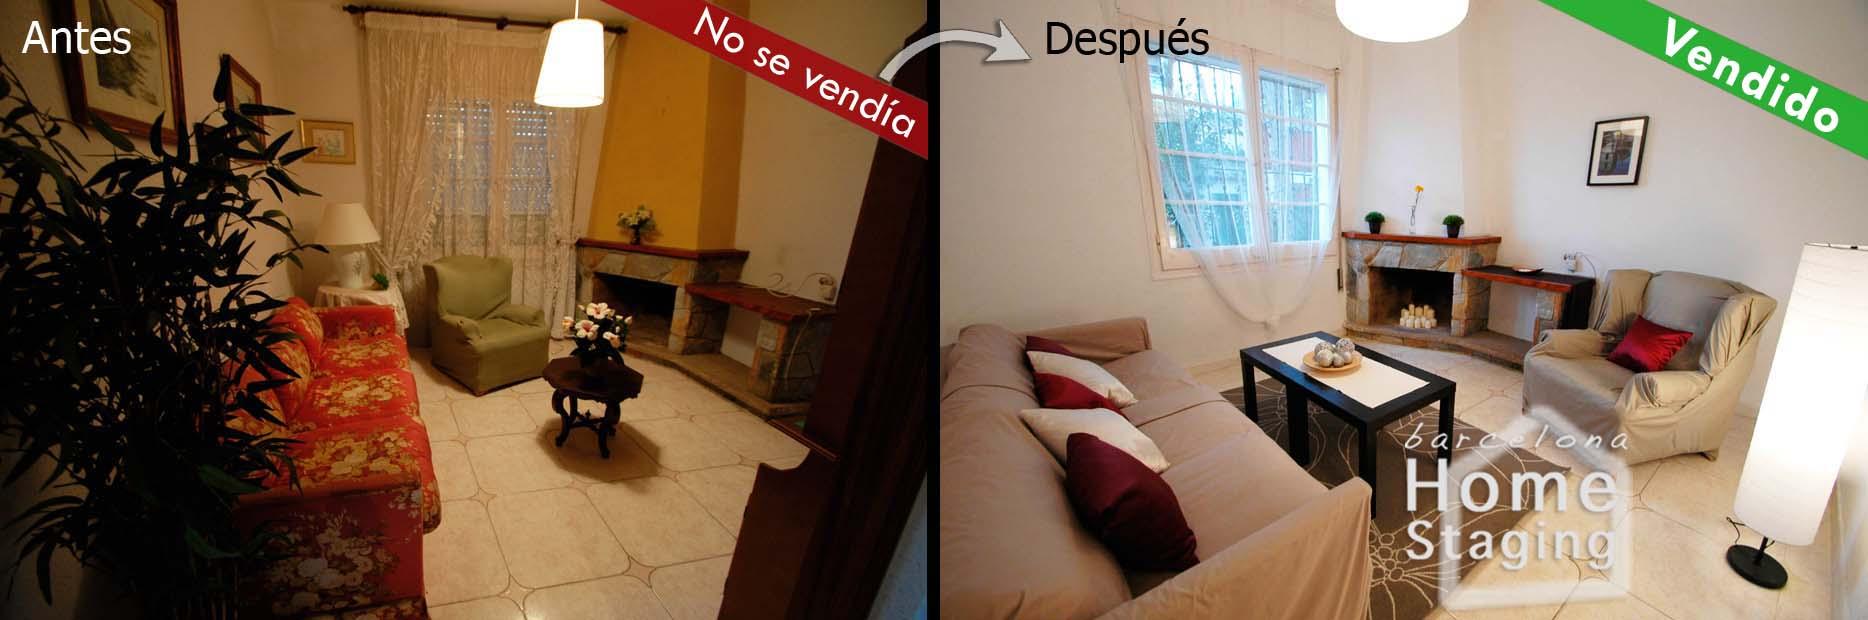 Piso Feo Piso Bonito A La Hora De Venderlo No Es Lo Mismo  # Fotos De Muebles Feos